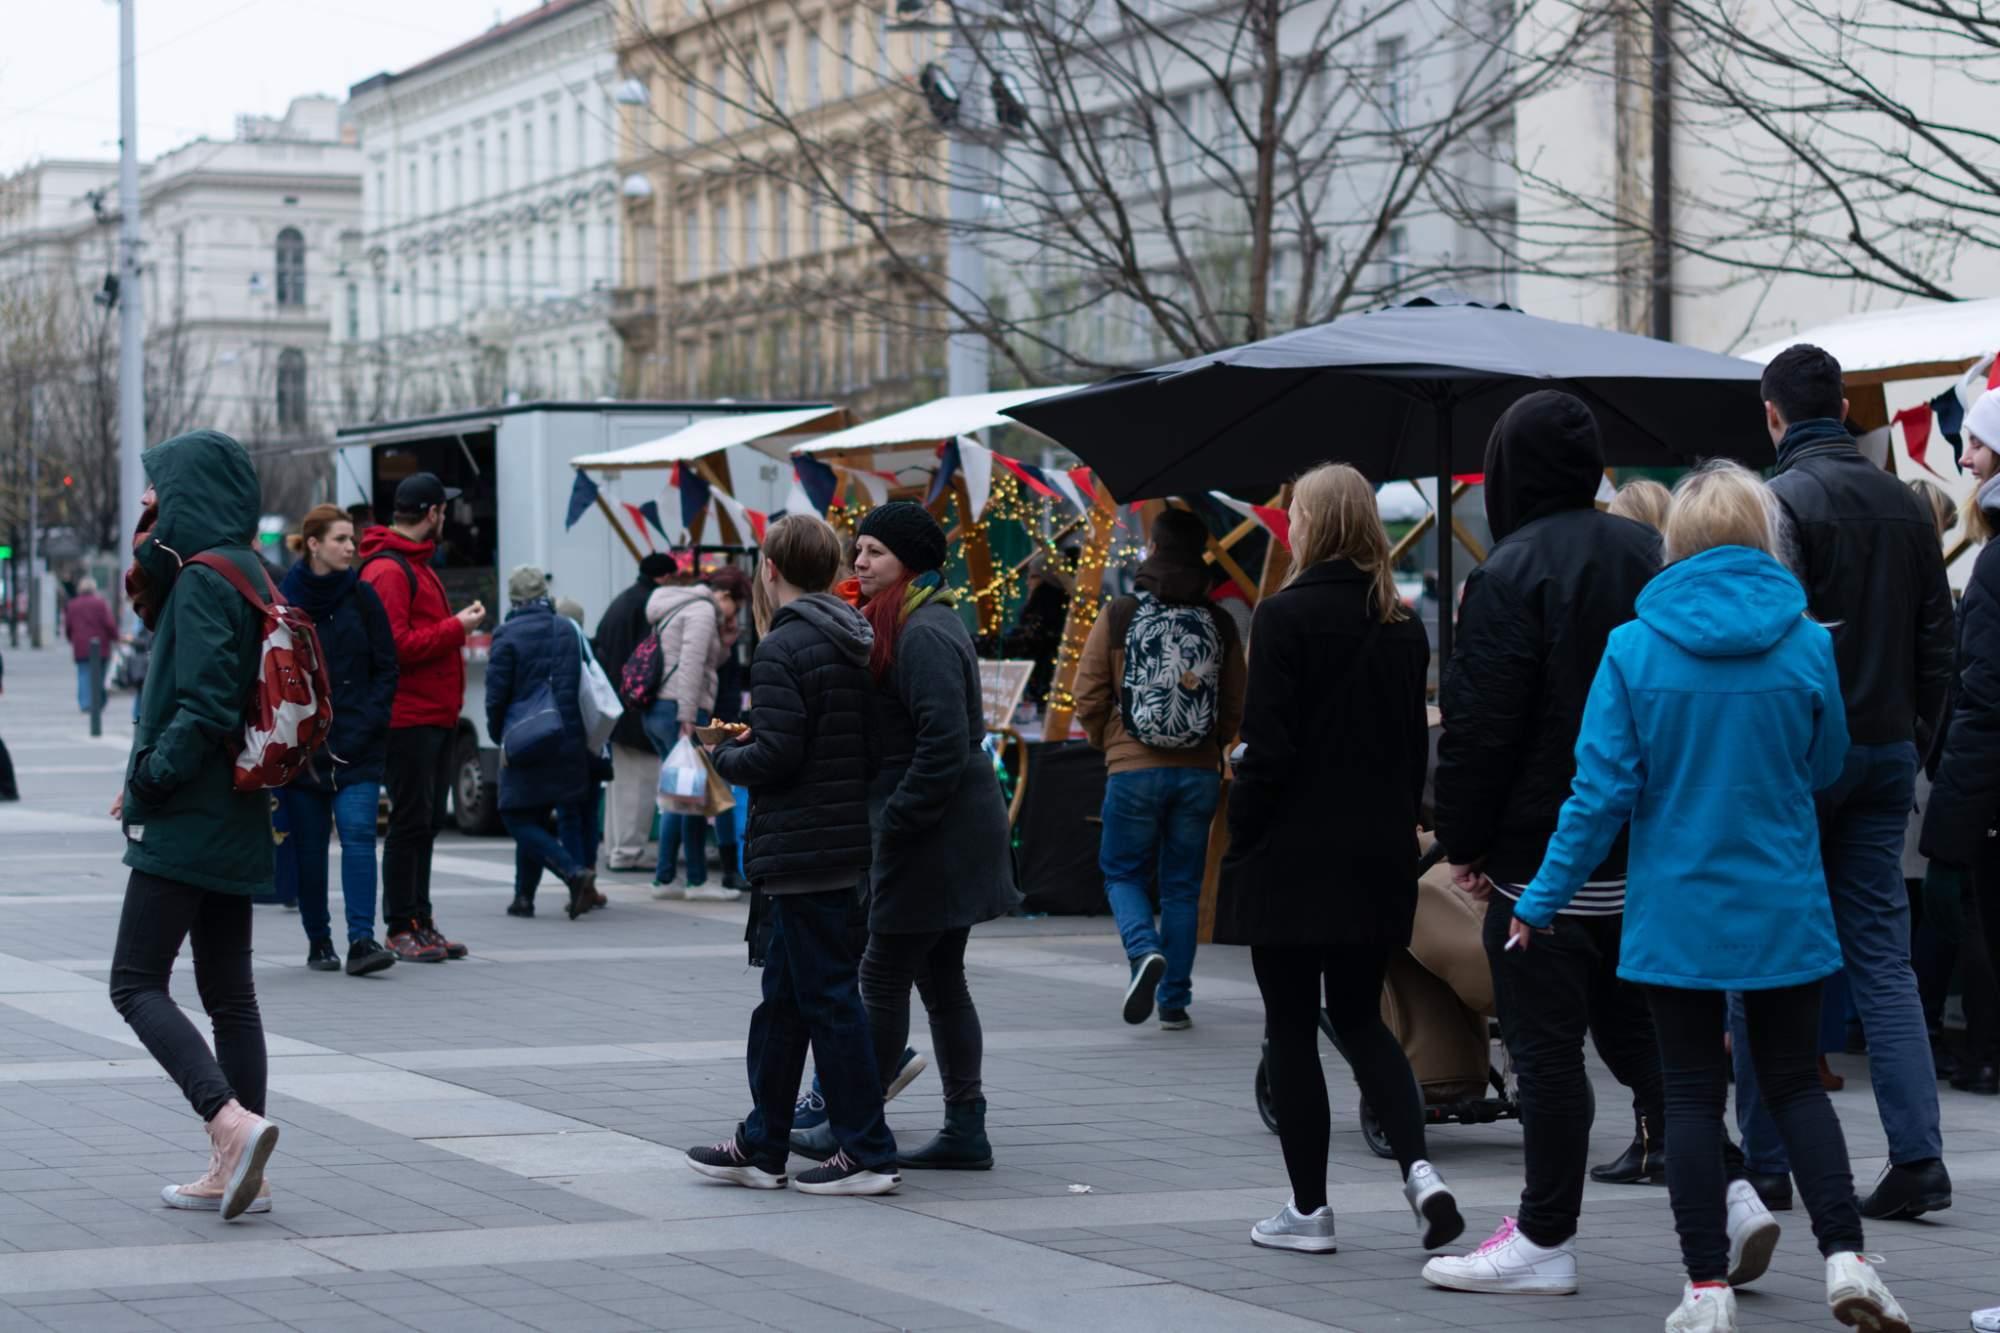 Tento rok přišlo asi tři tisíce návštěvníků. Foto: Anna Viktorinová